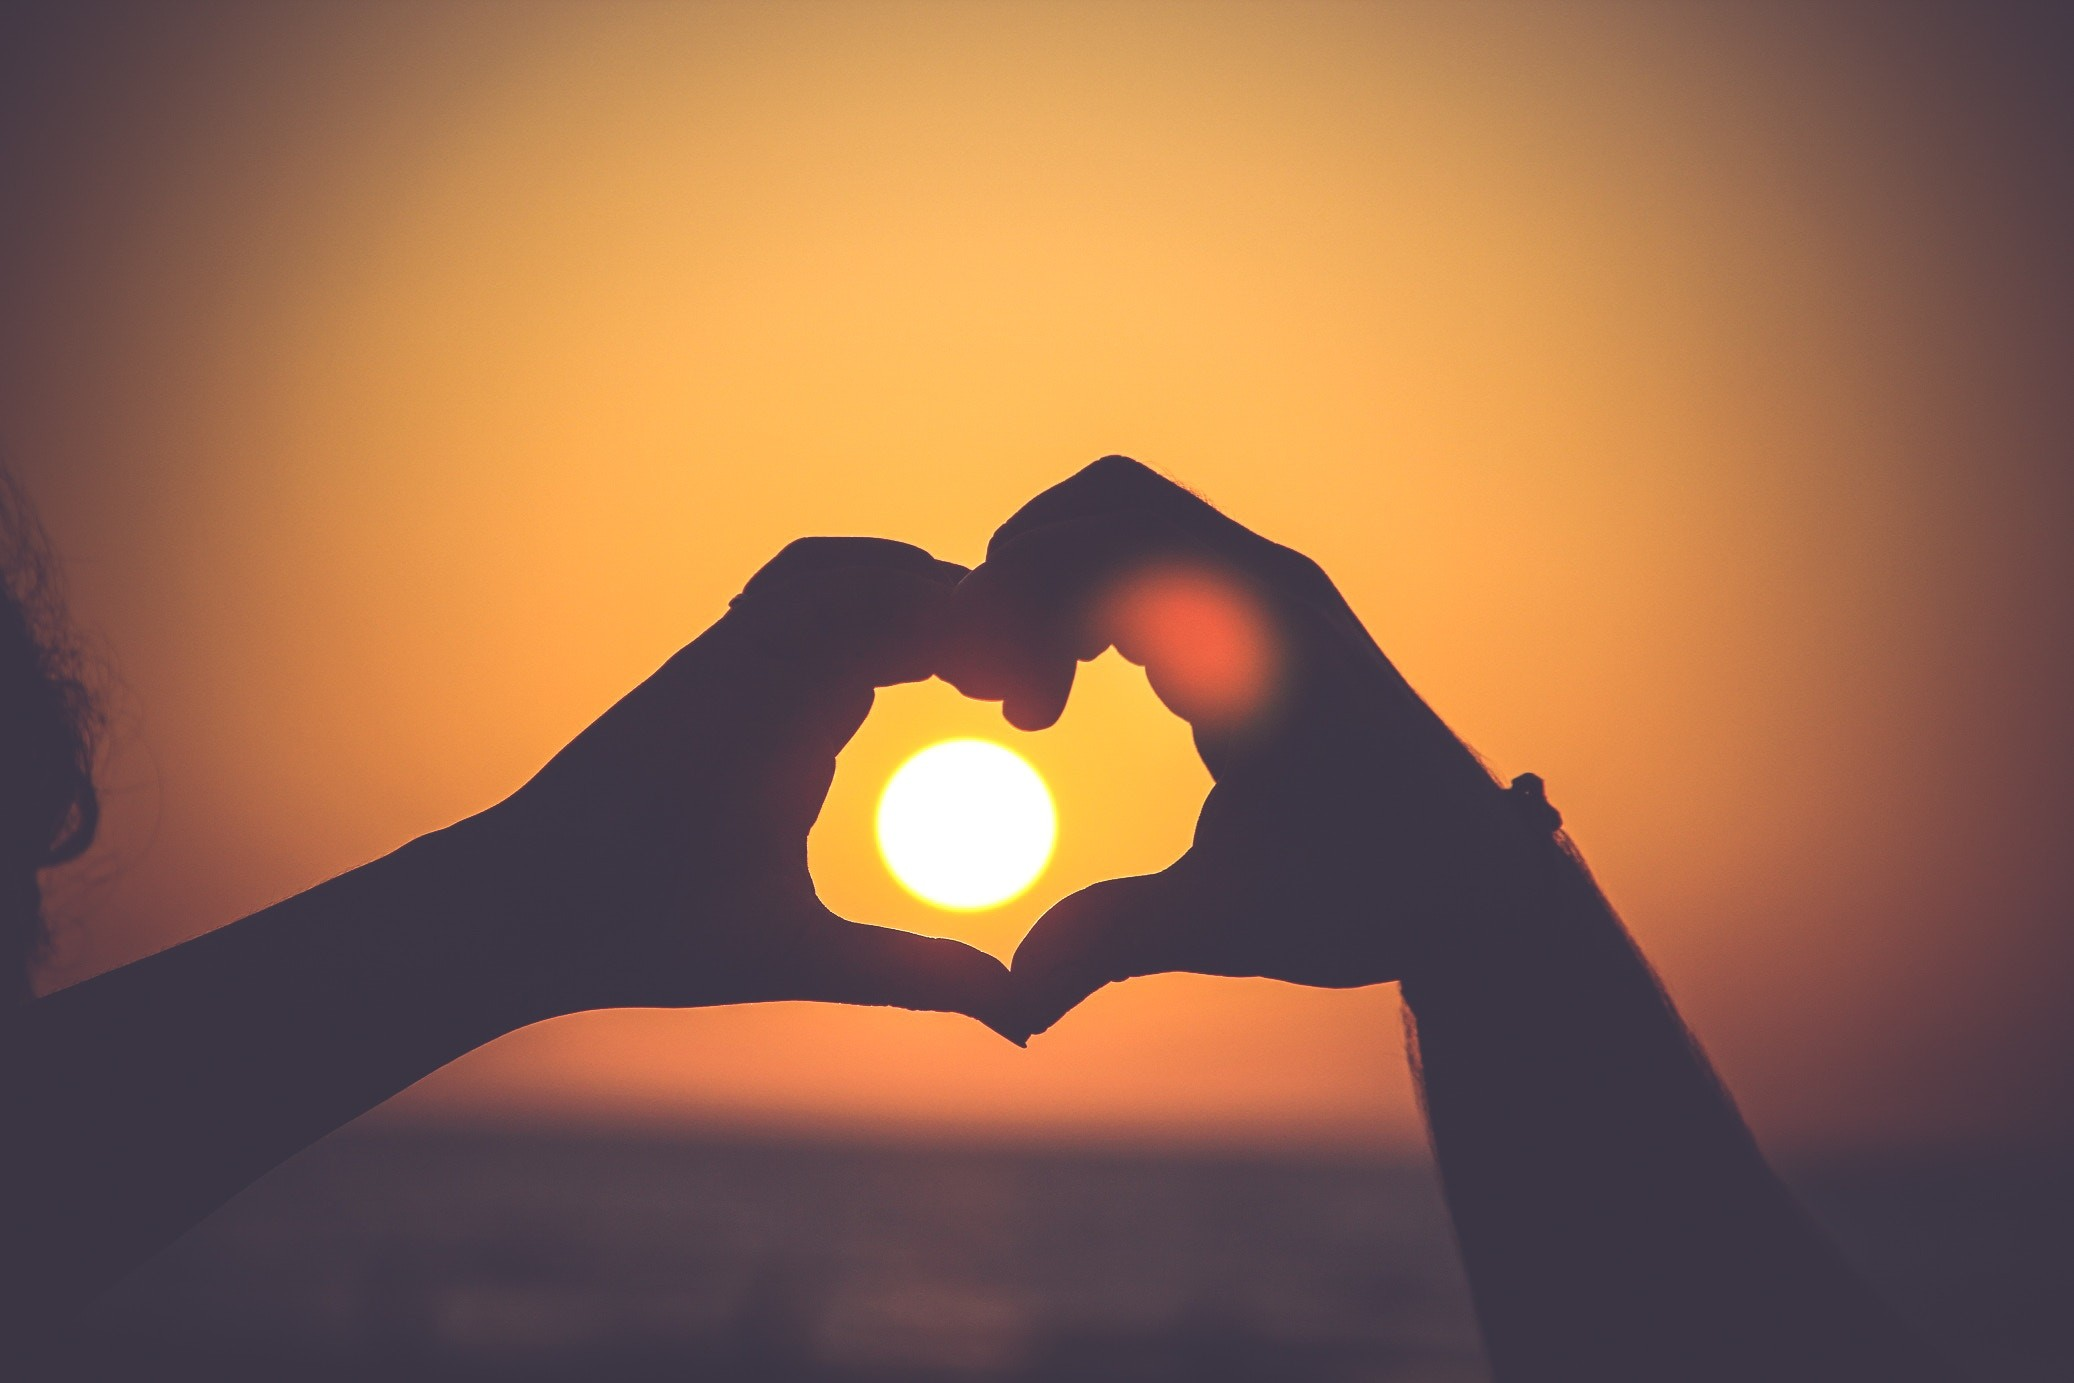 Uma mensagem de amor é simples, porém, muito poderosa.